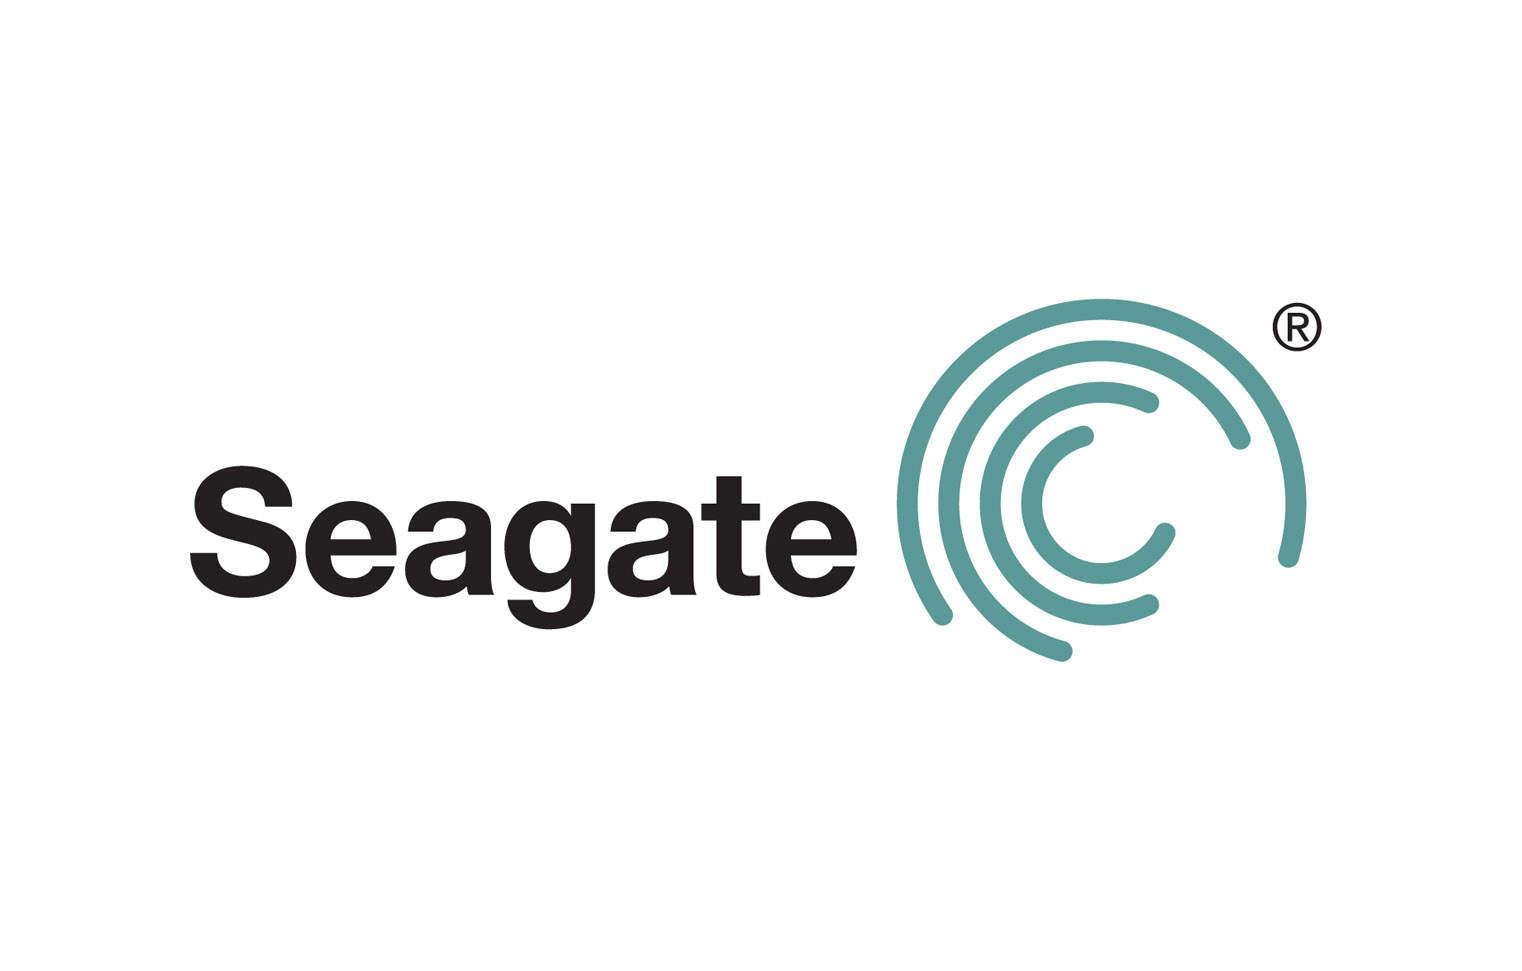 Seagate logo design